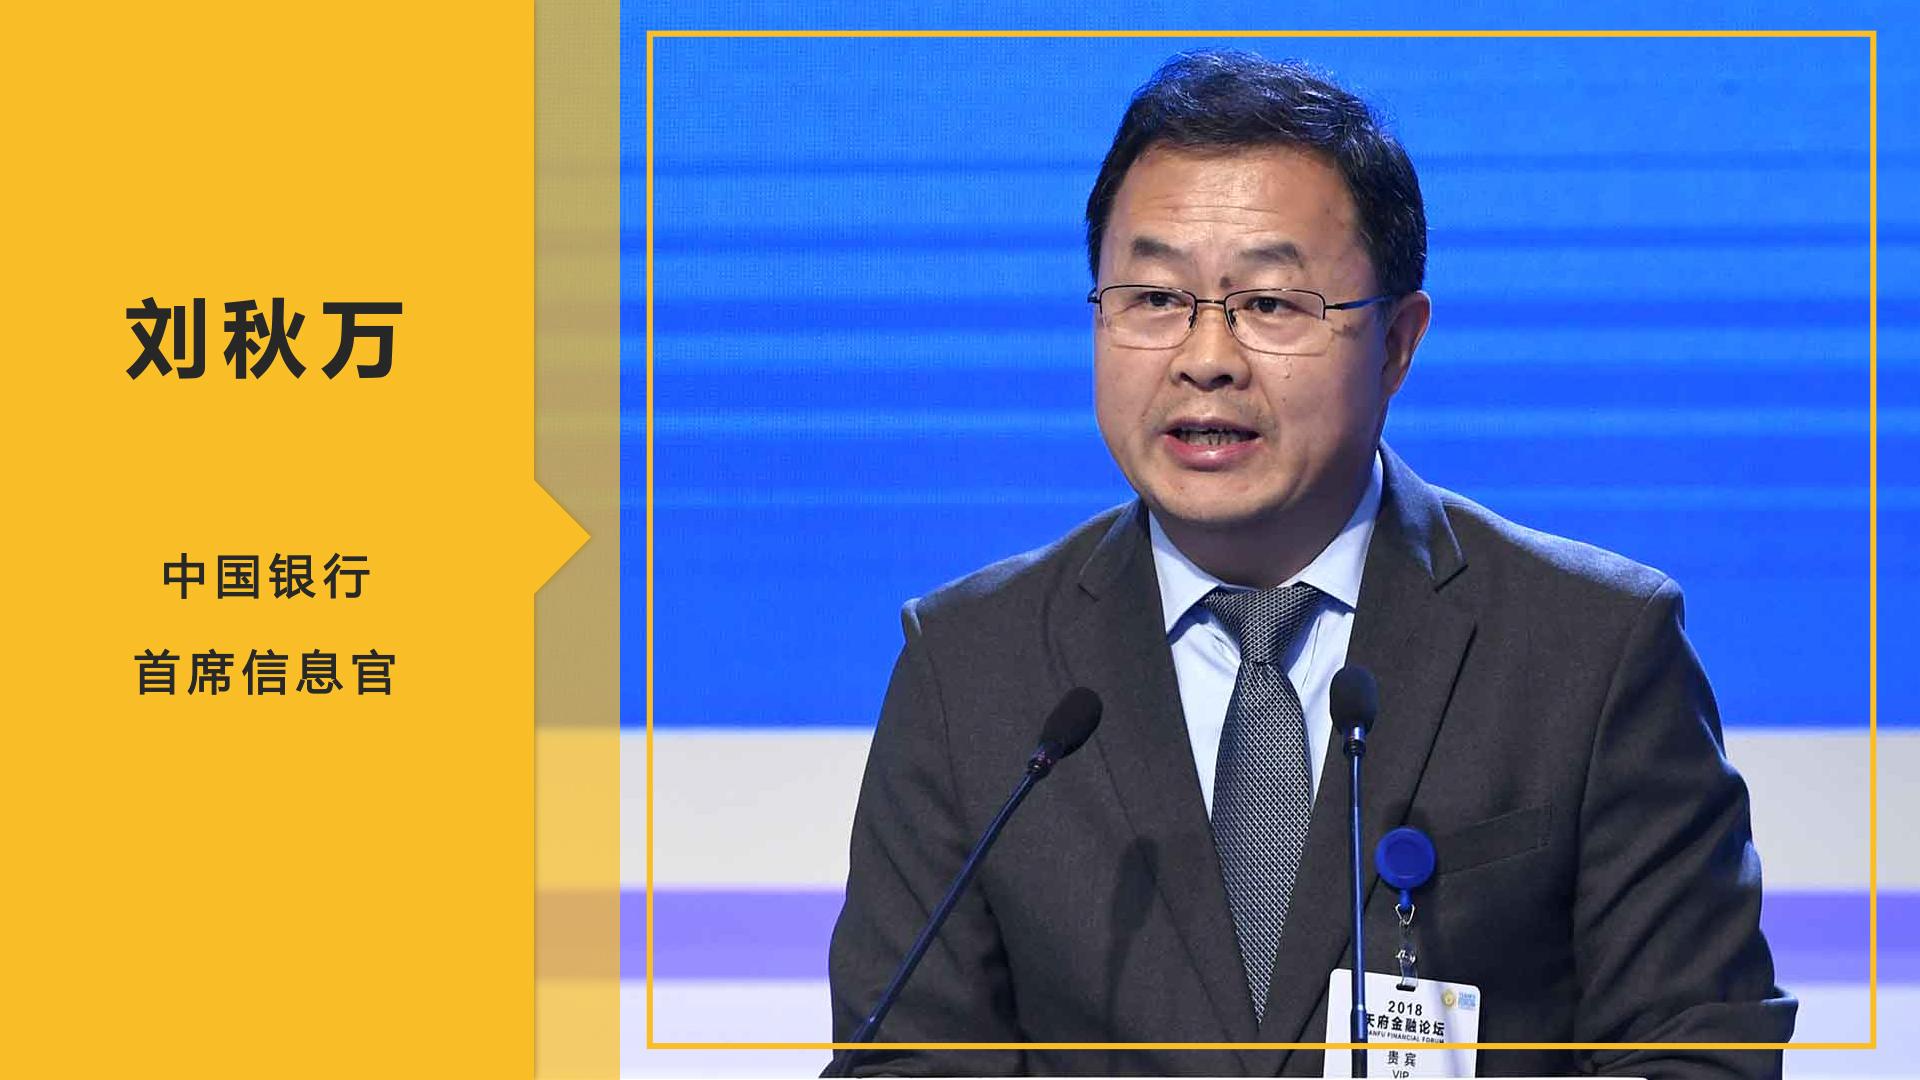 刘秋万:拥抱金融科技 推动数字转型